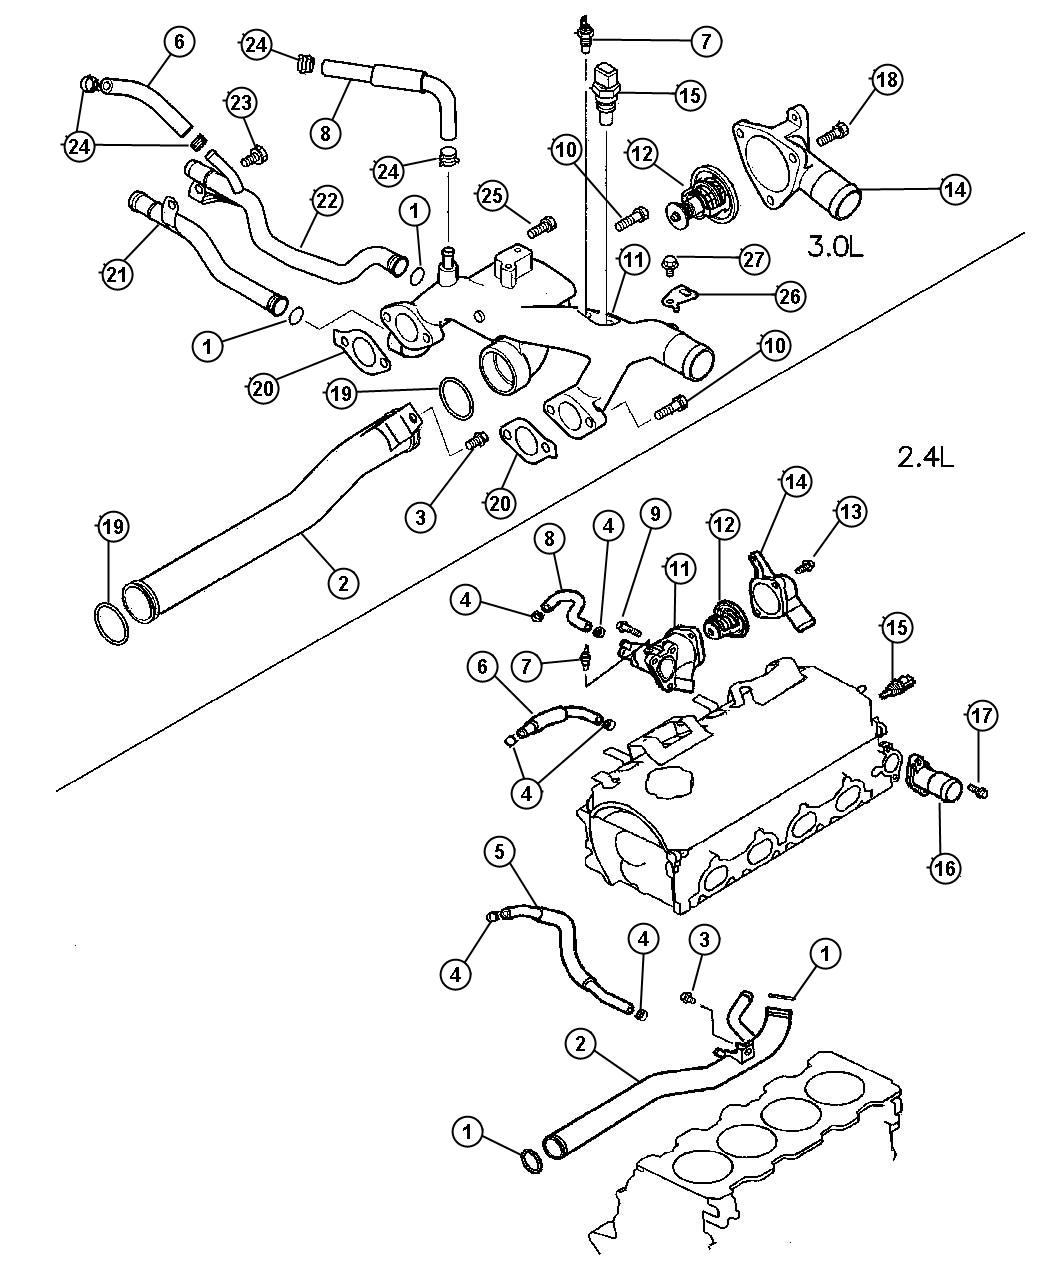 Chrysler Sebring 3 0l V6 Sohc 24v 5 Speed Manual